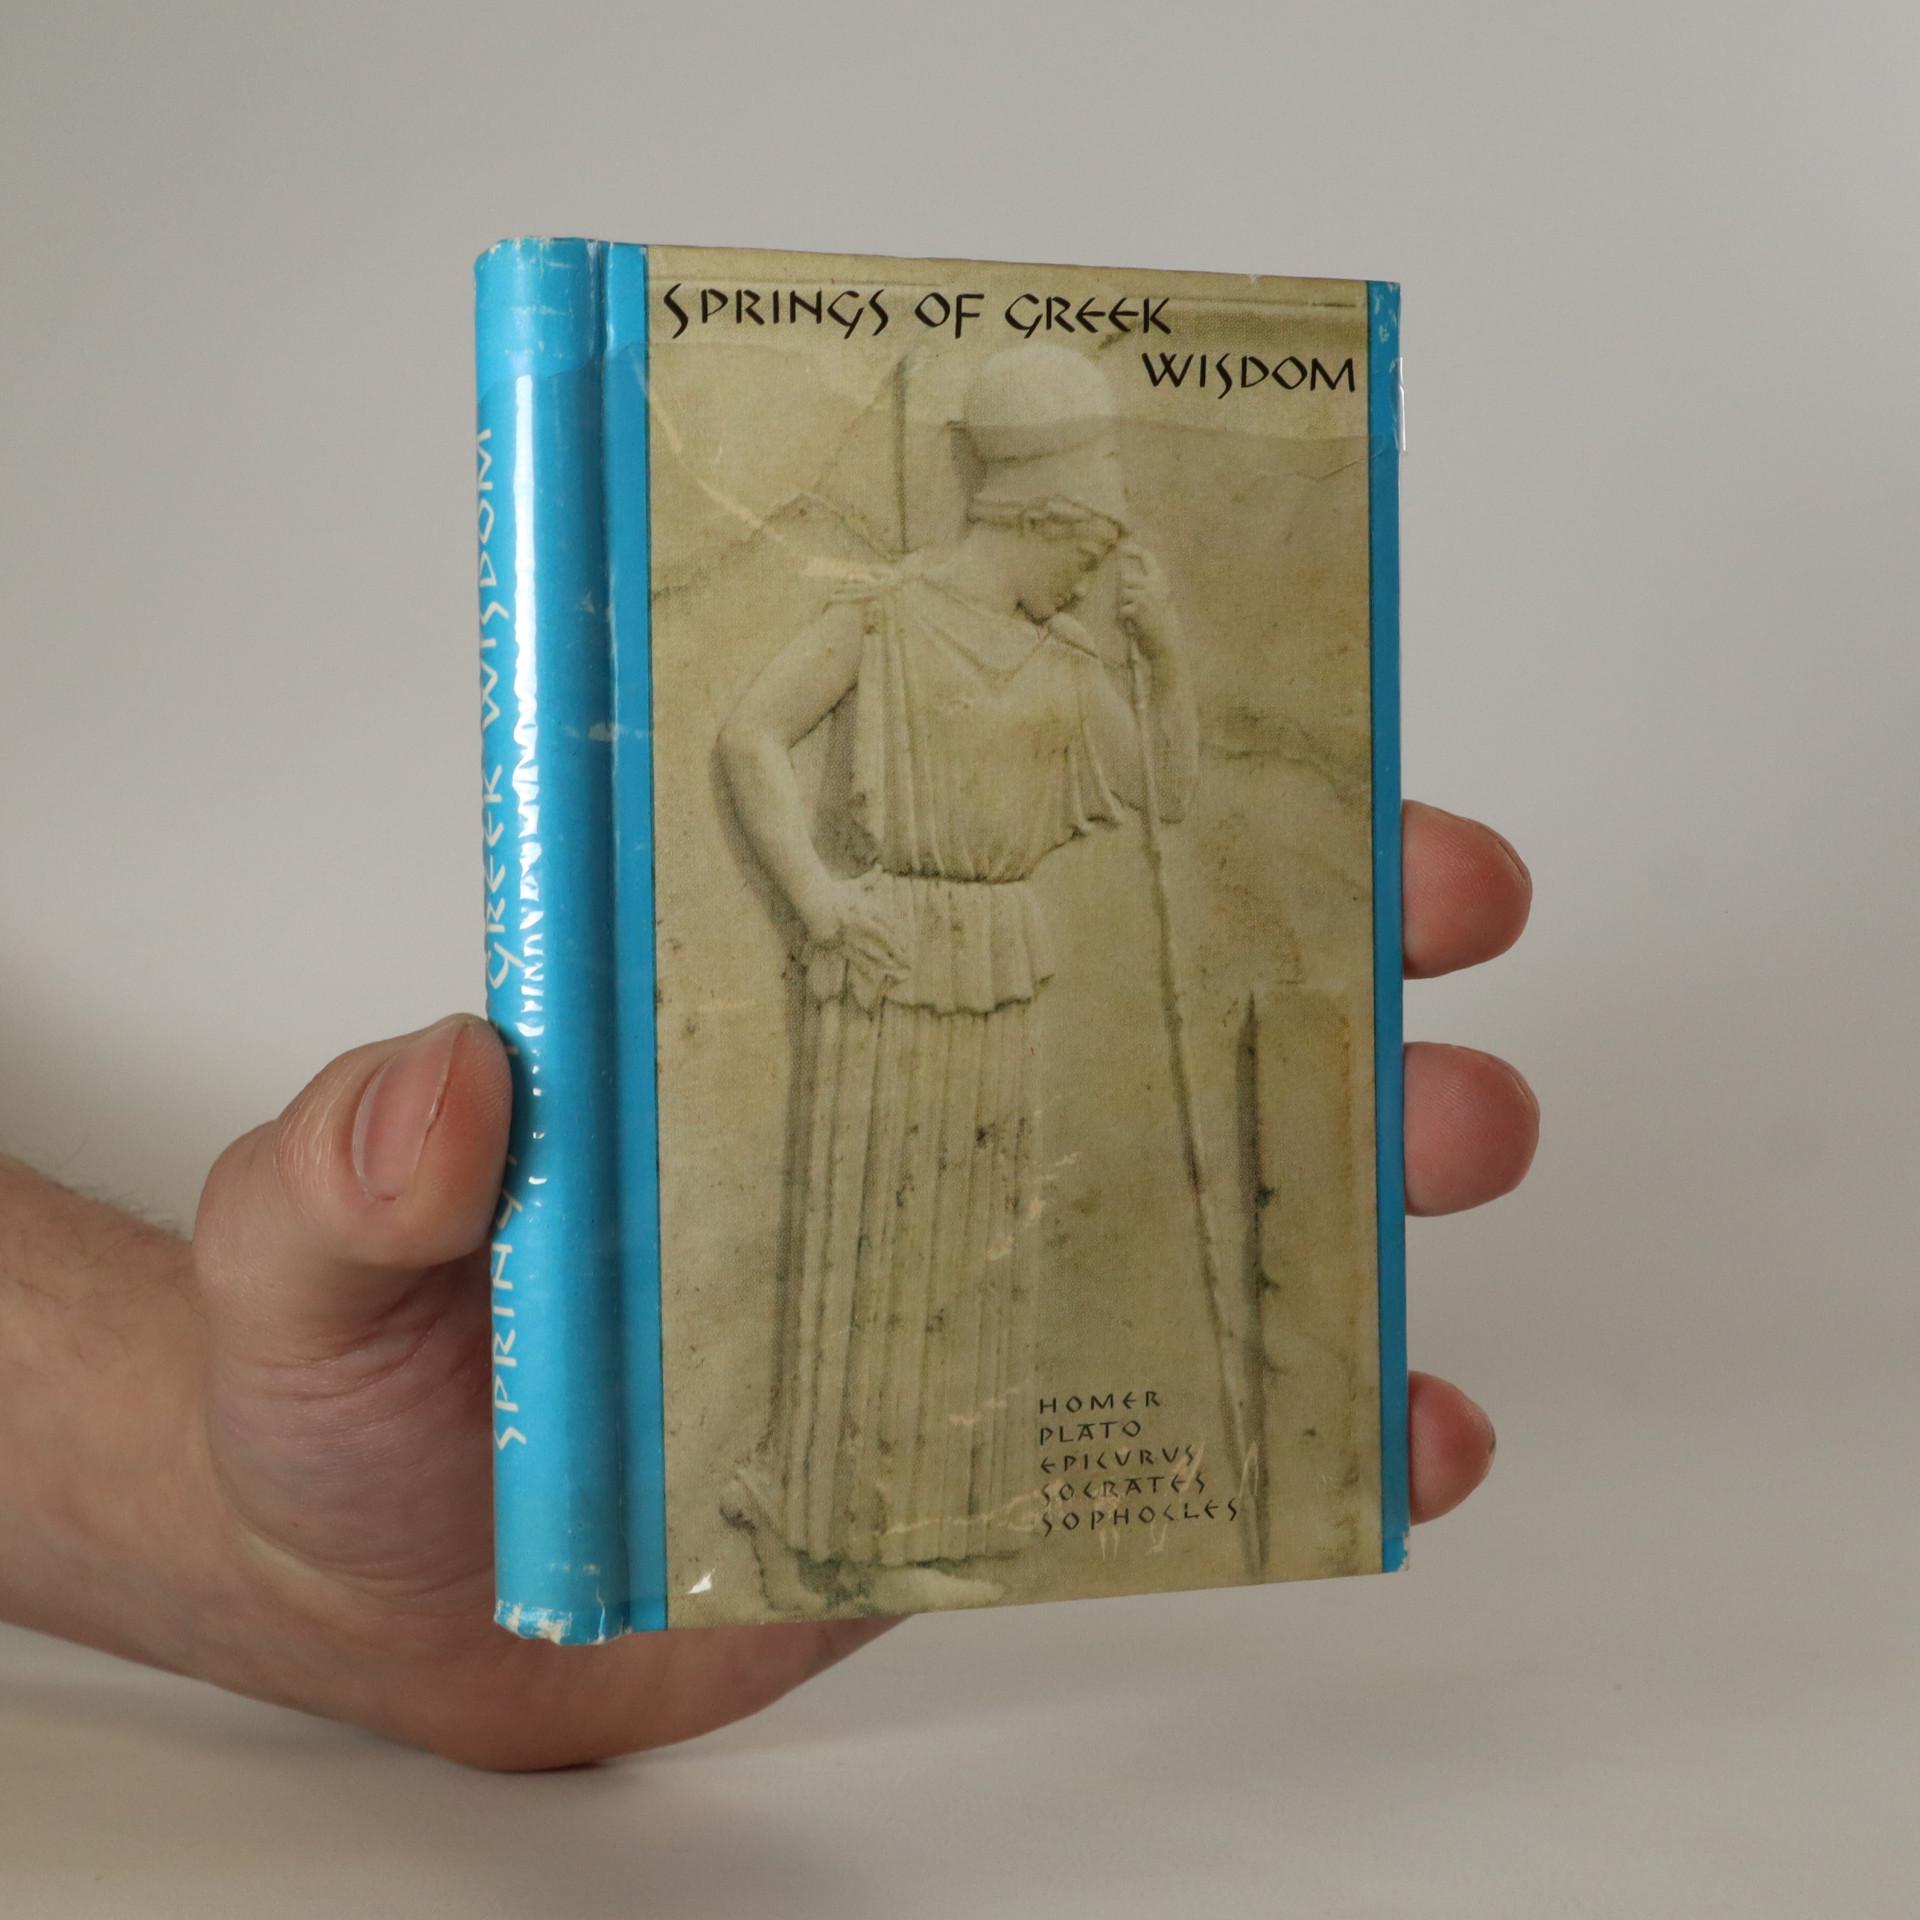 antikvární kniha Springs of Greek Wisdom, neuveden